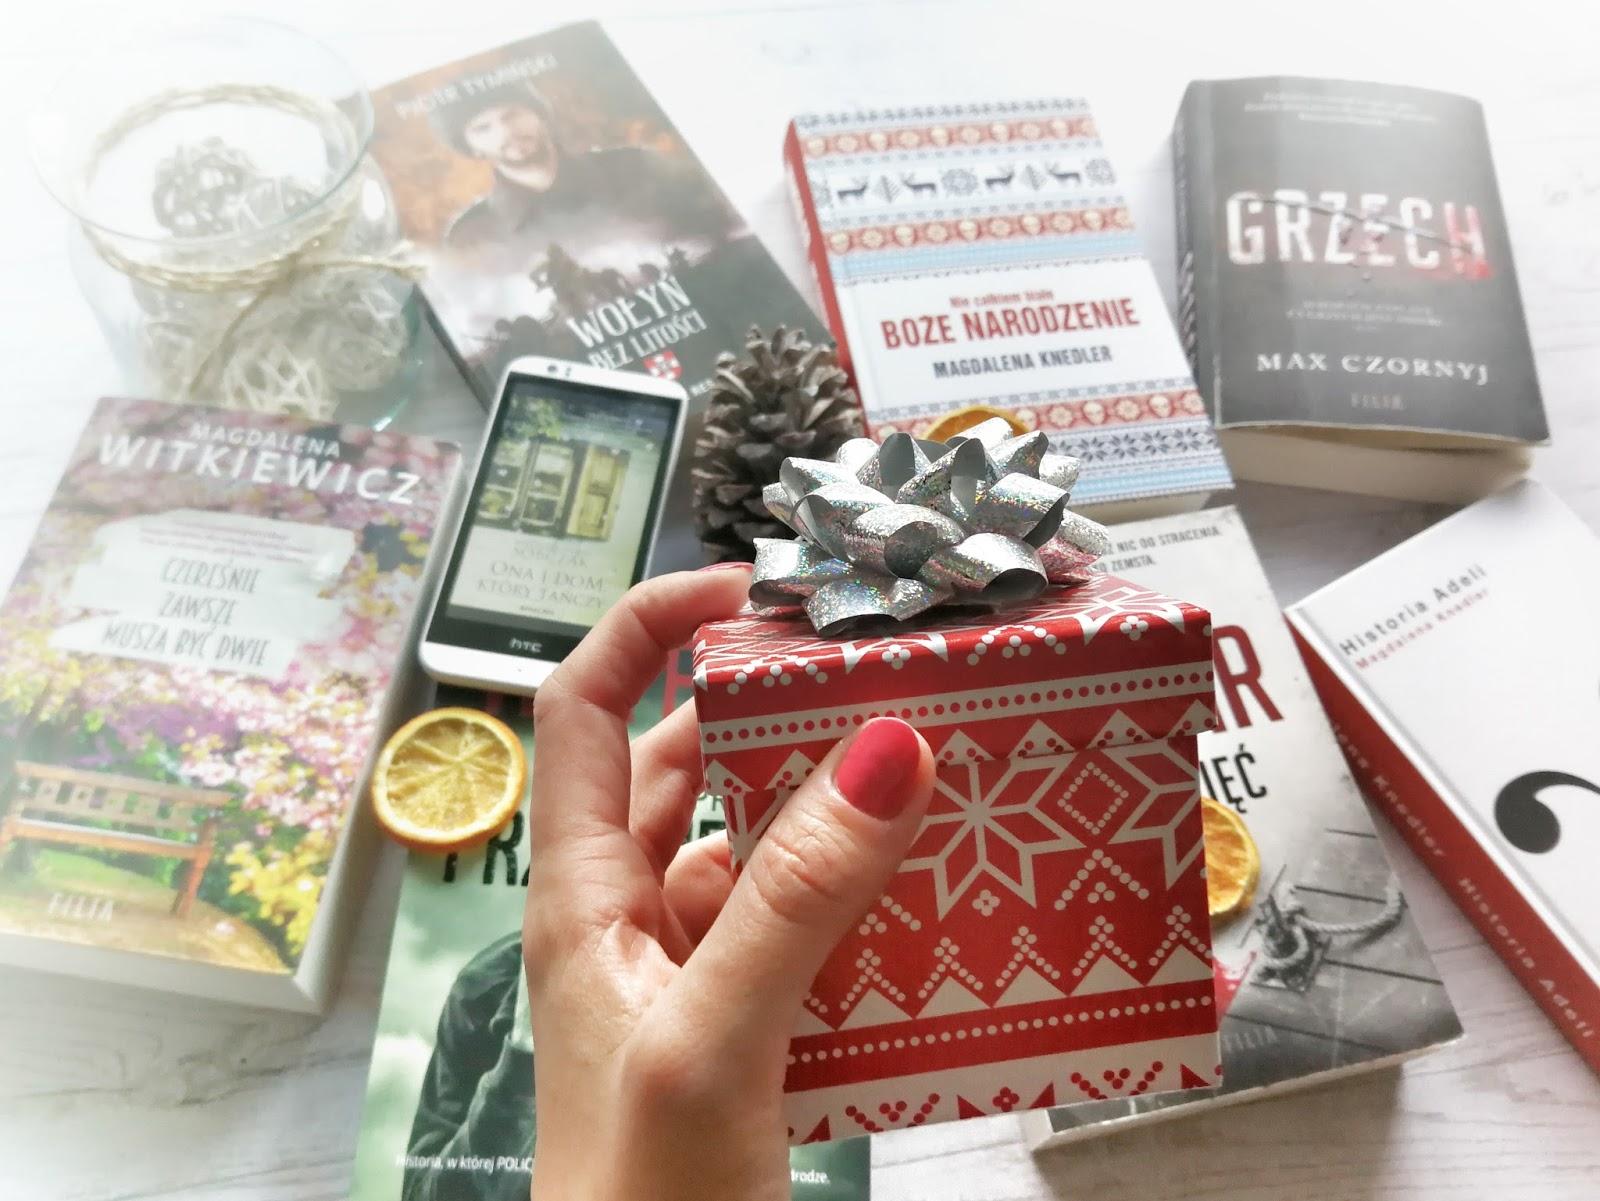 IDEALNY PREZENT NA ŚWIĘTA | Jakie książki kupić bliskim na Boże Narodzenie?